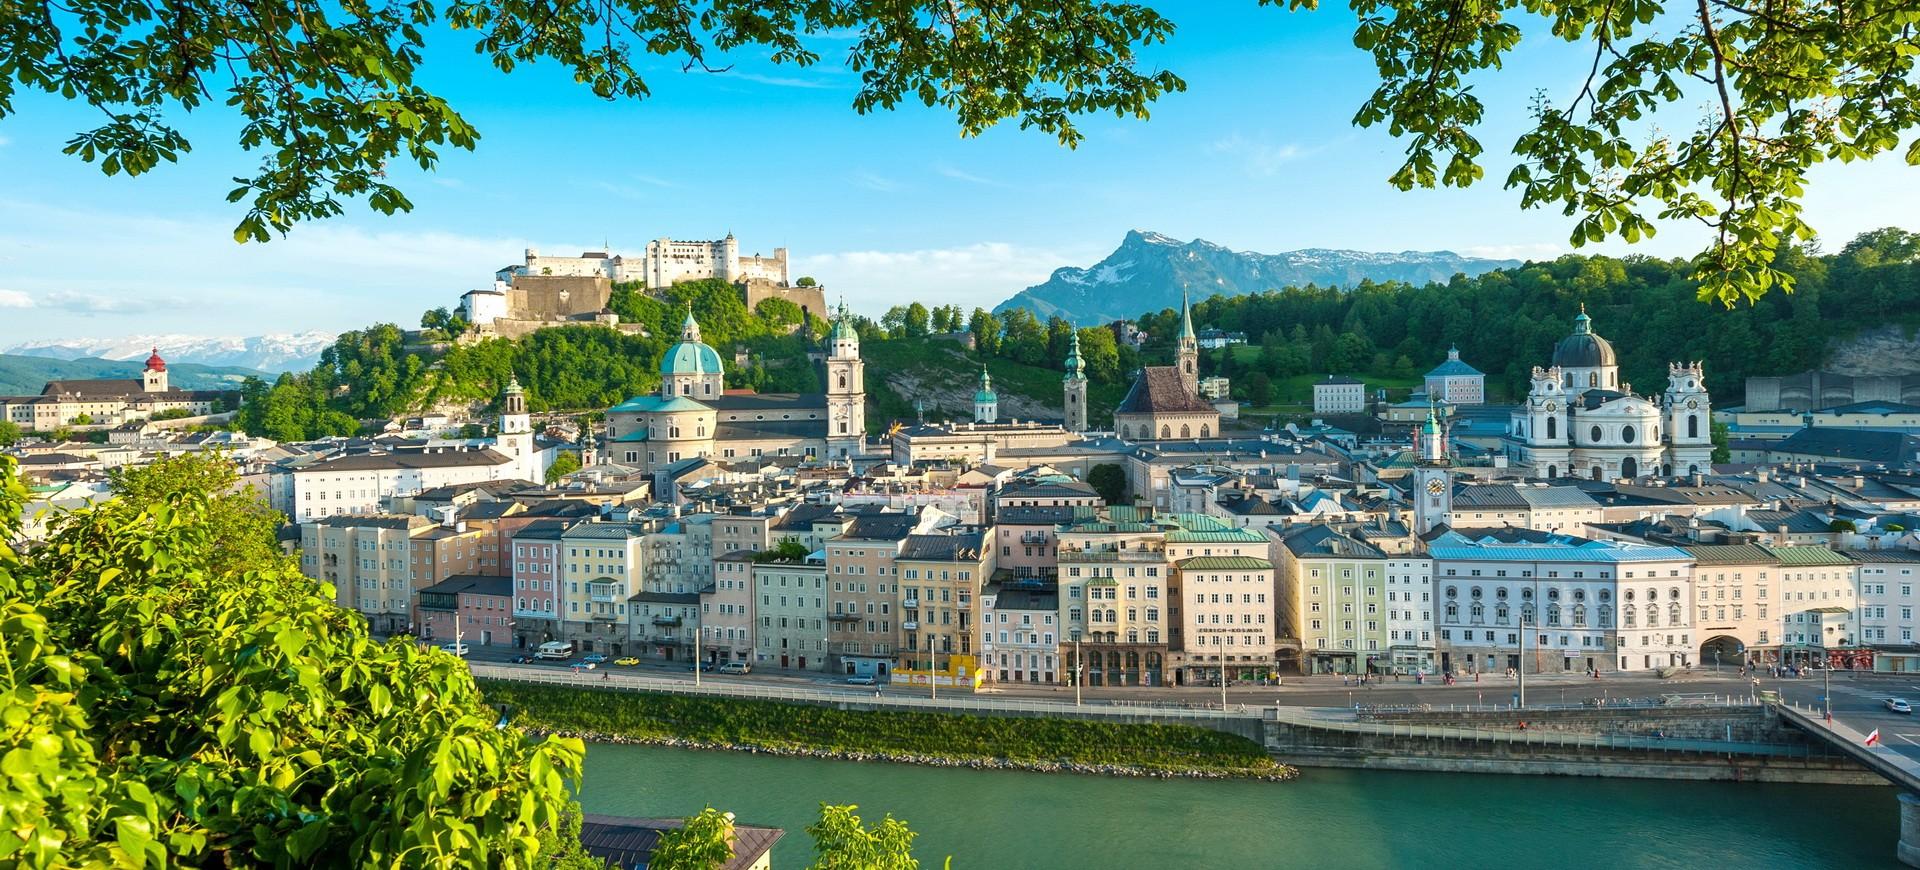 Autriche Salzbourg Chateau et la vieille ville